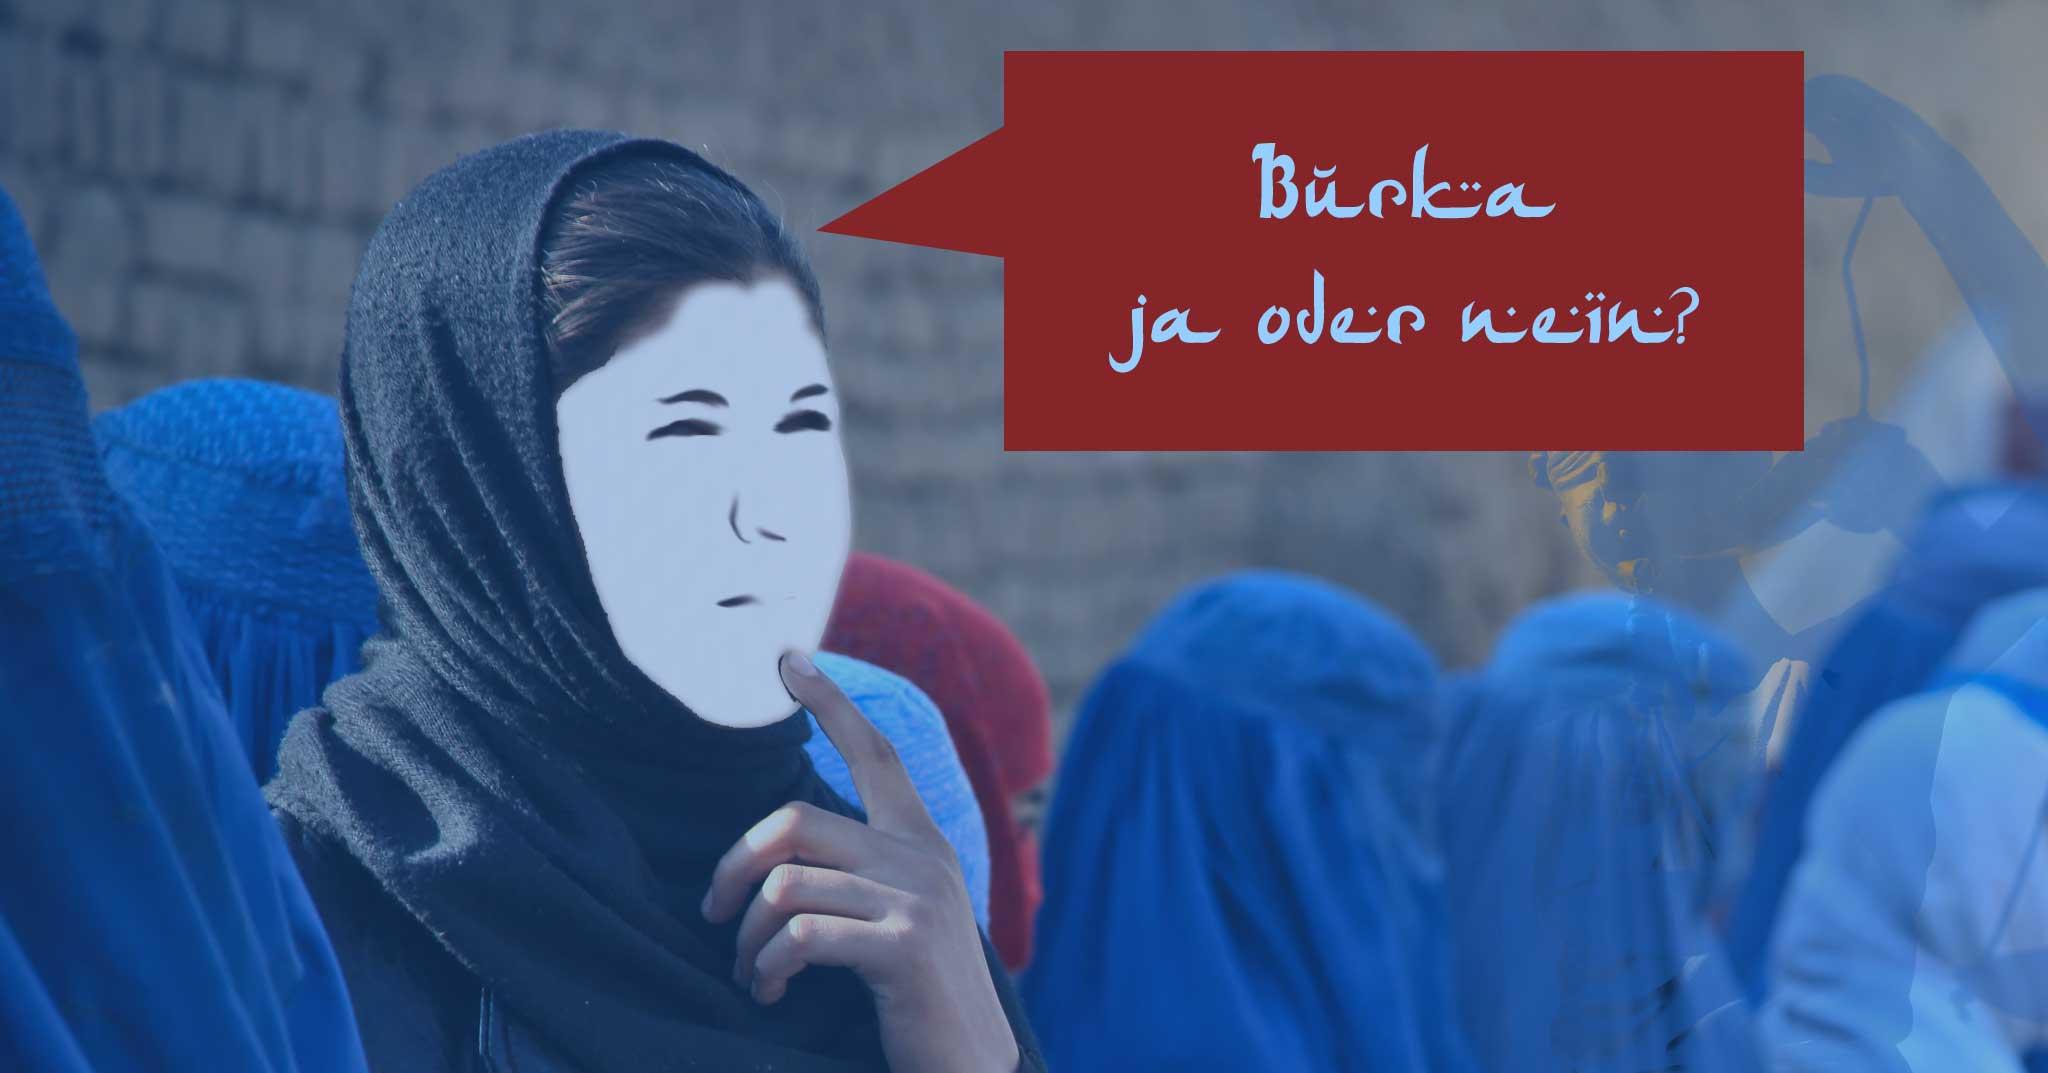 burka-ja-oder-nein